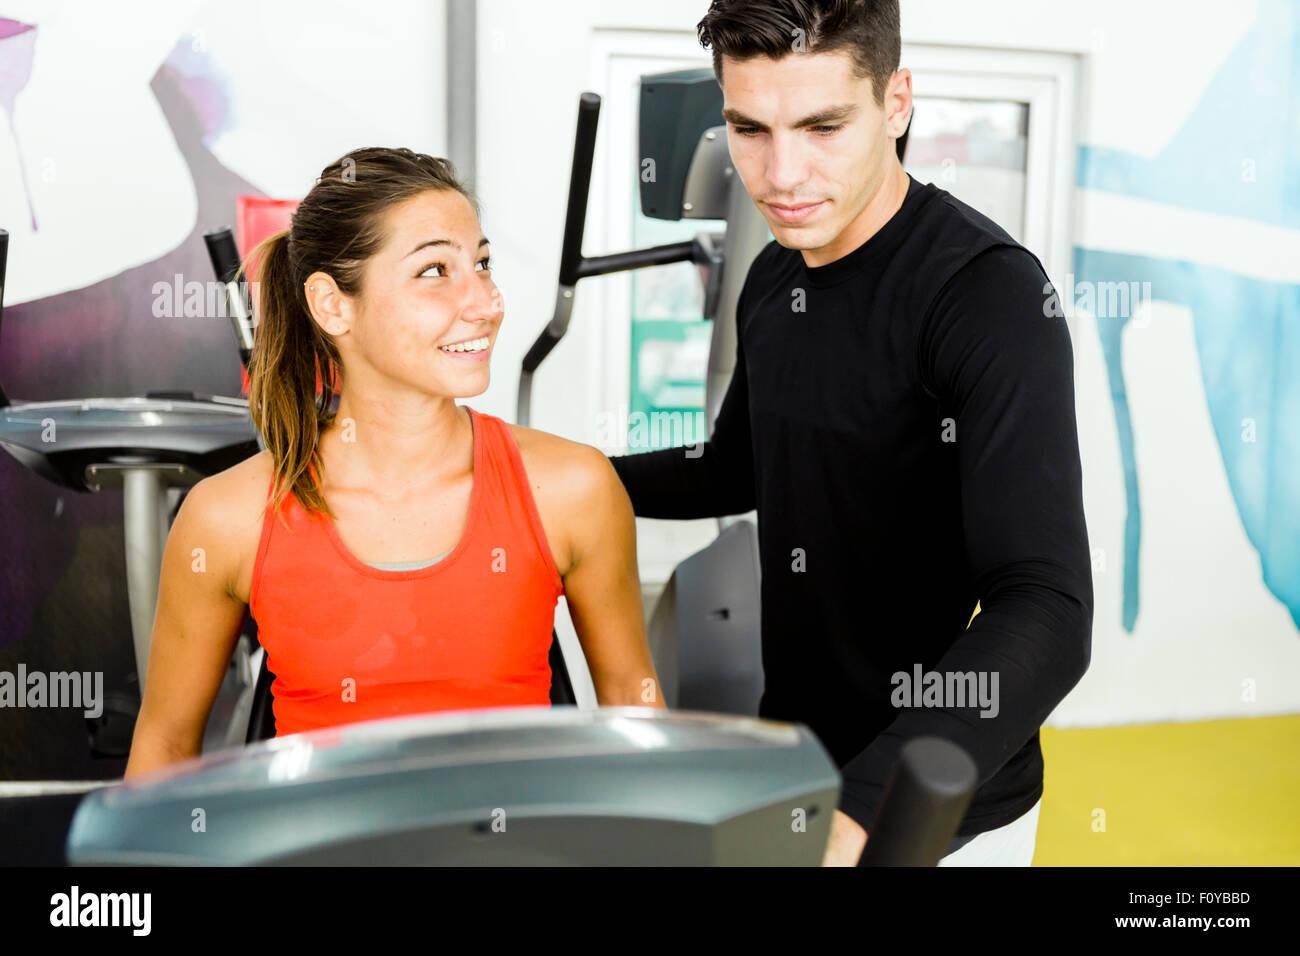 Schöne junge Frau beauftragt durch ein gut aussehender Mann in einer Turnhalle beim Radfahren Stockbild